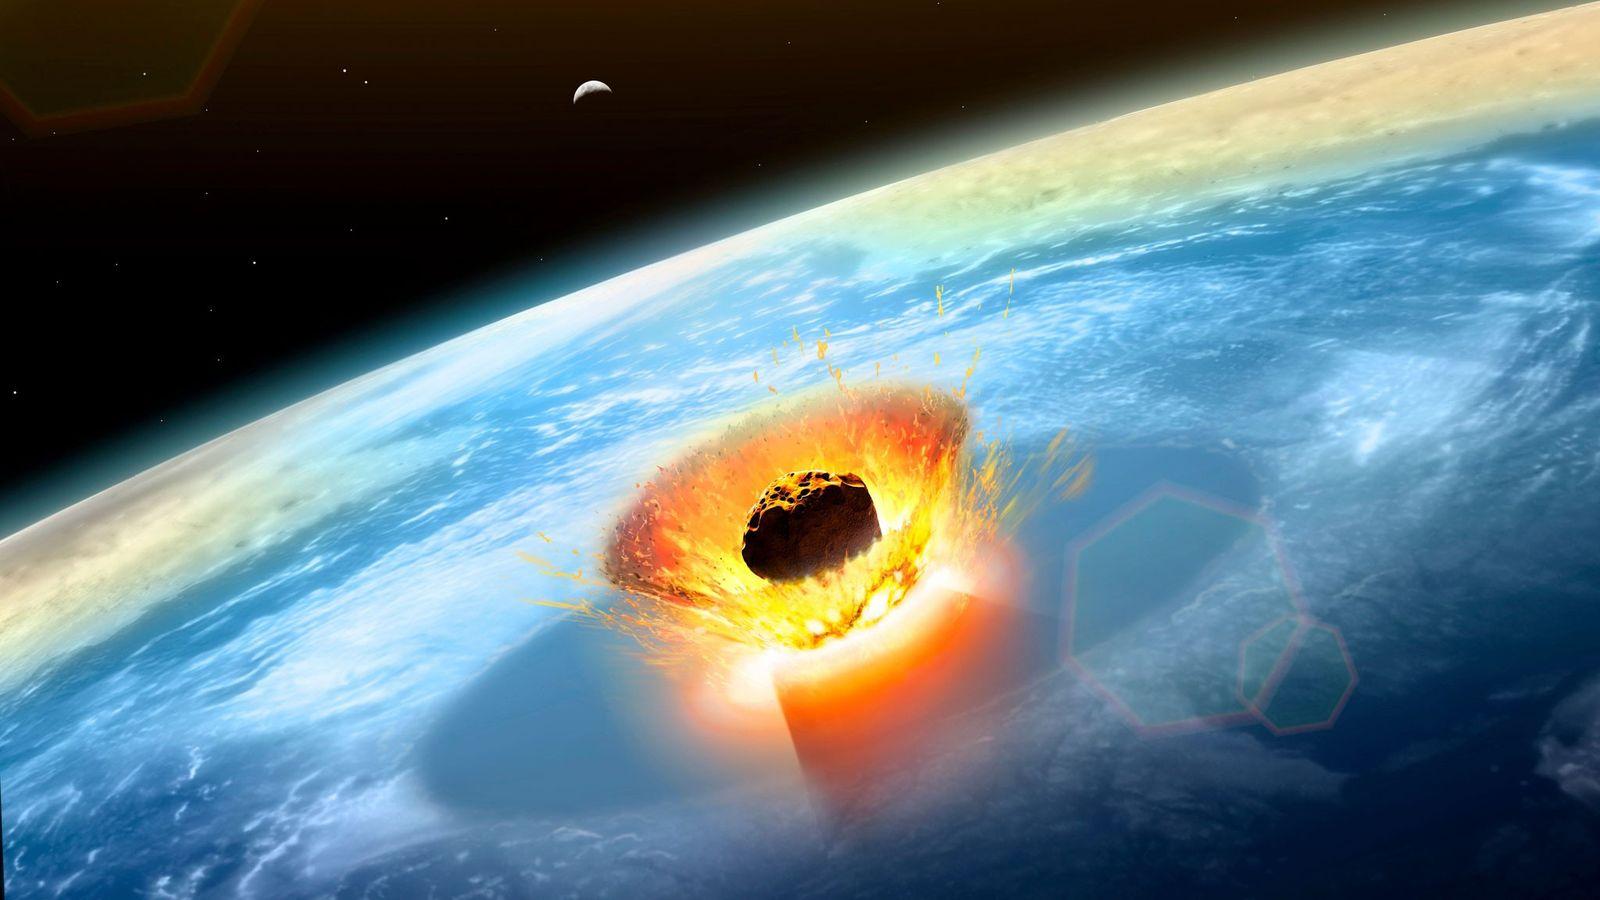 Impacto del asteroide en Yucatán